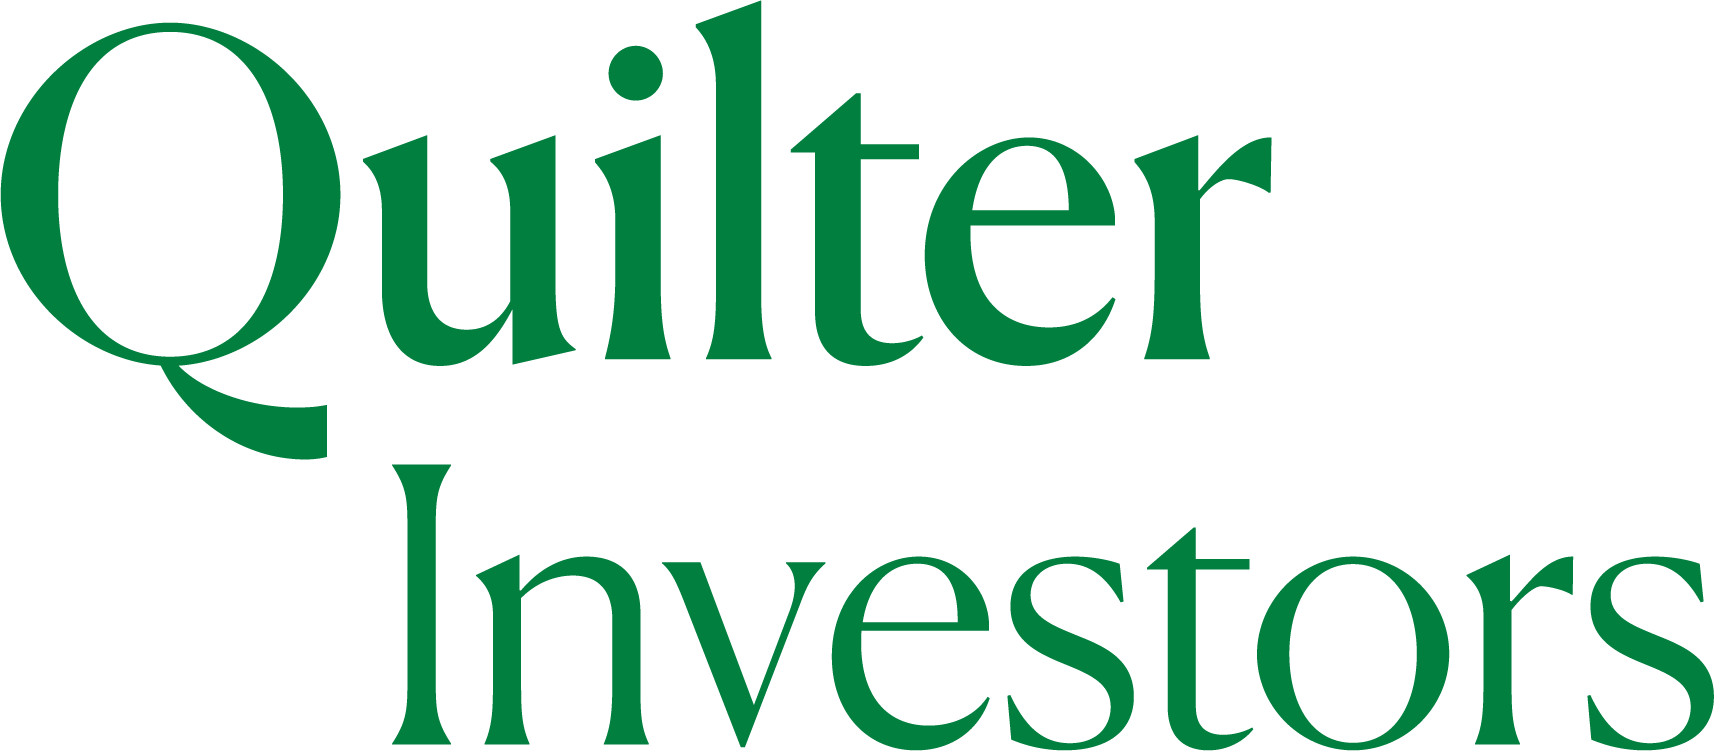 quilter investors